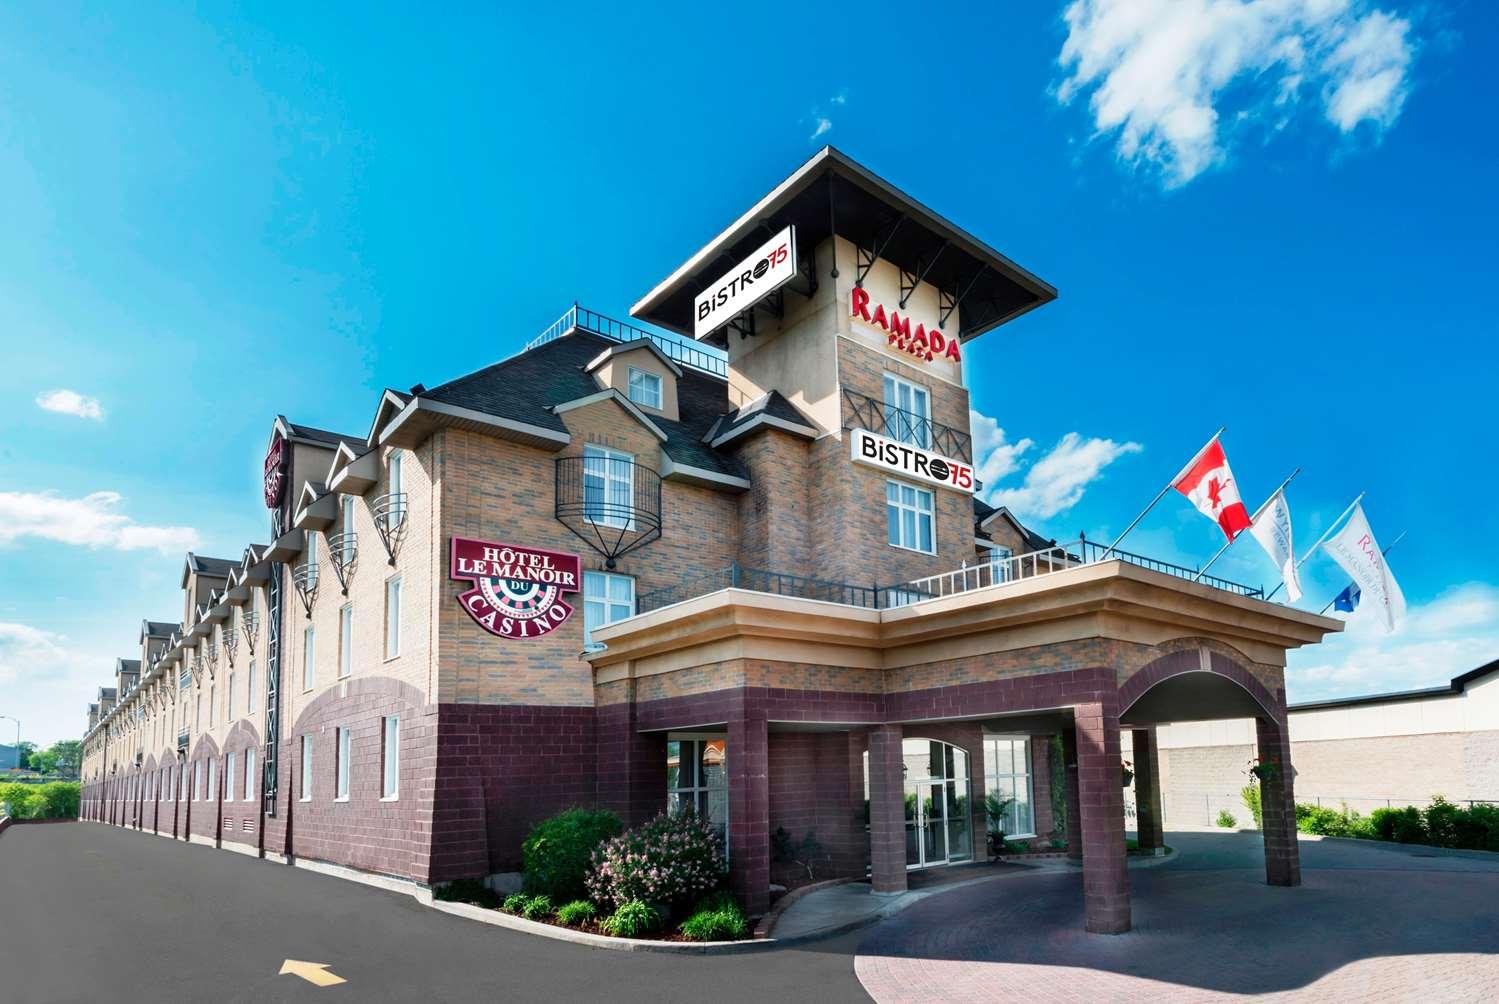 Casino Hull Quebec